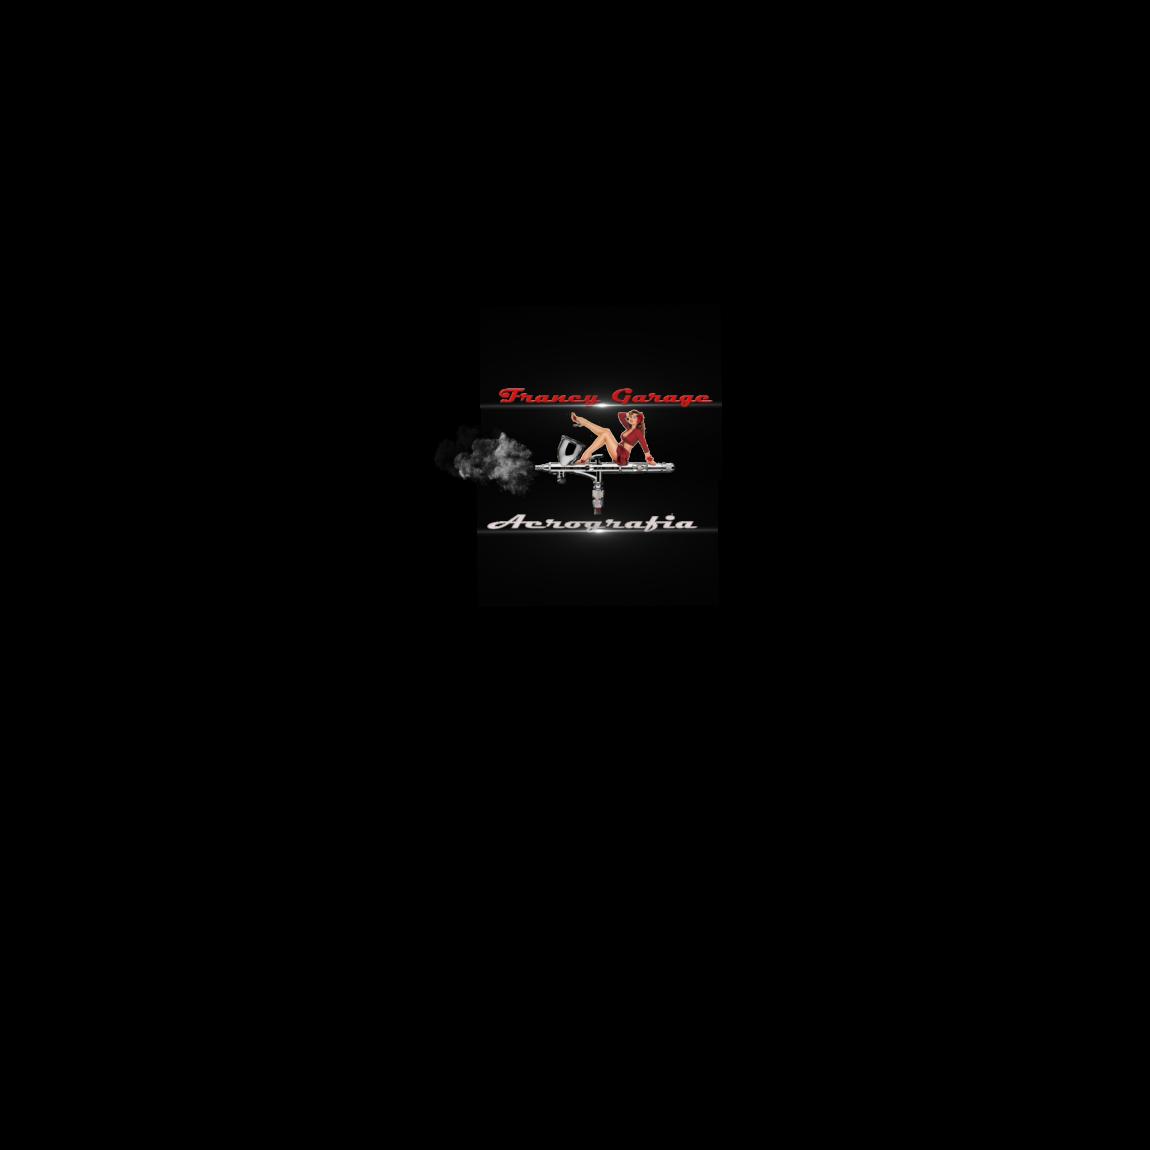 aerografo-con-pin-up-1.png